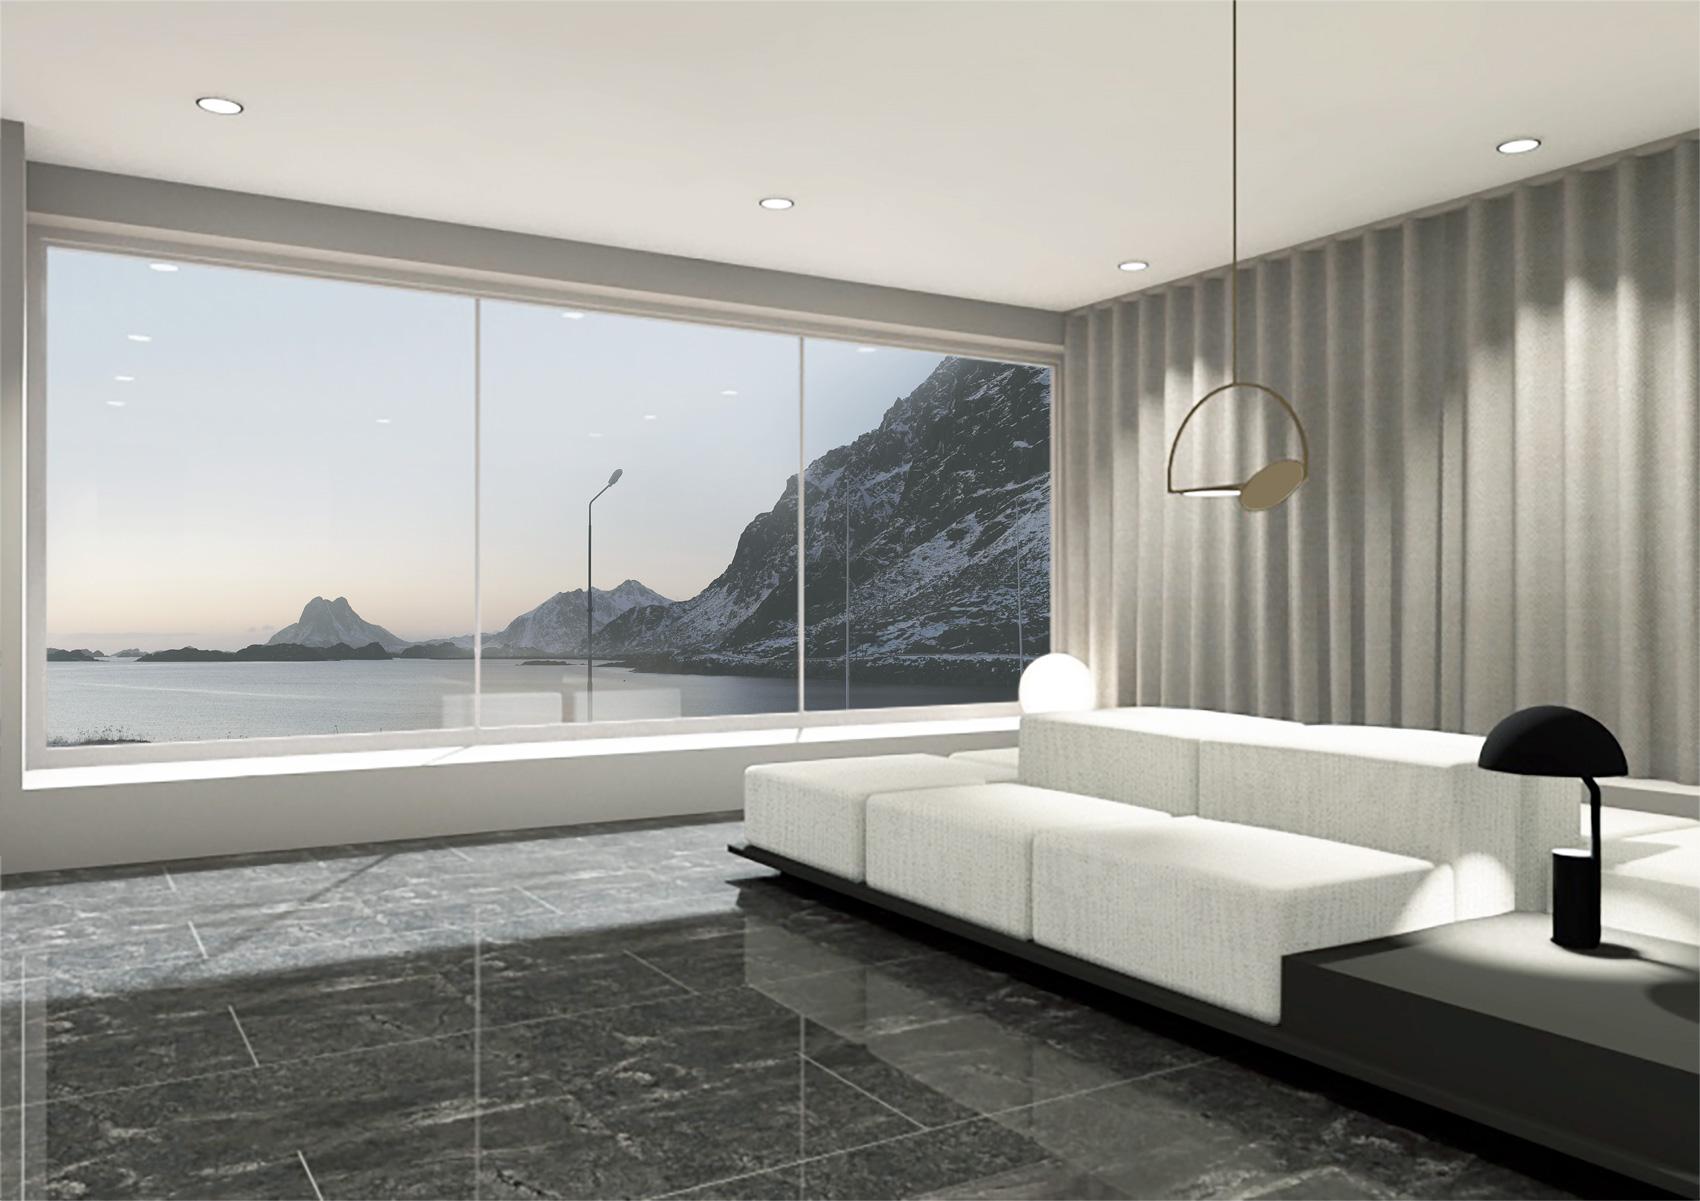 Live Lofoten Hotel by VALRYGG studio